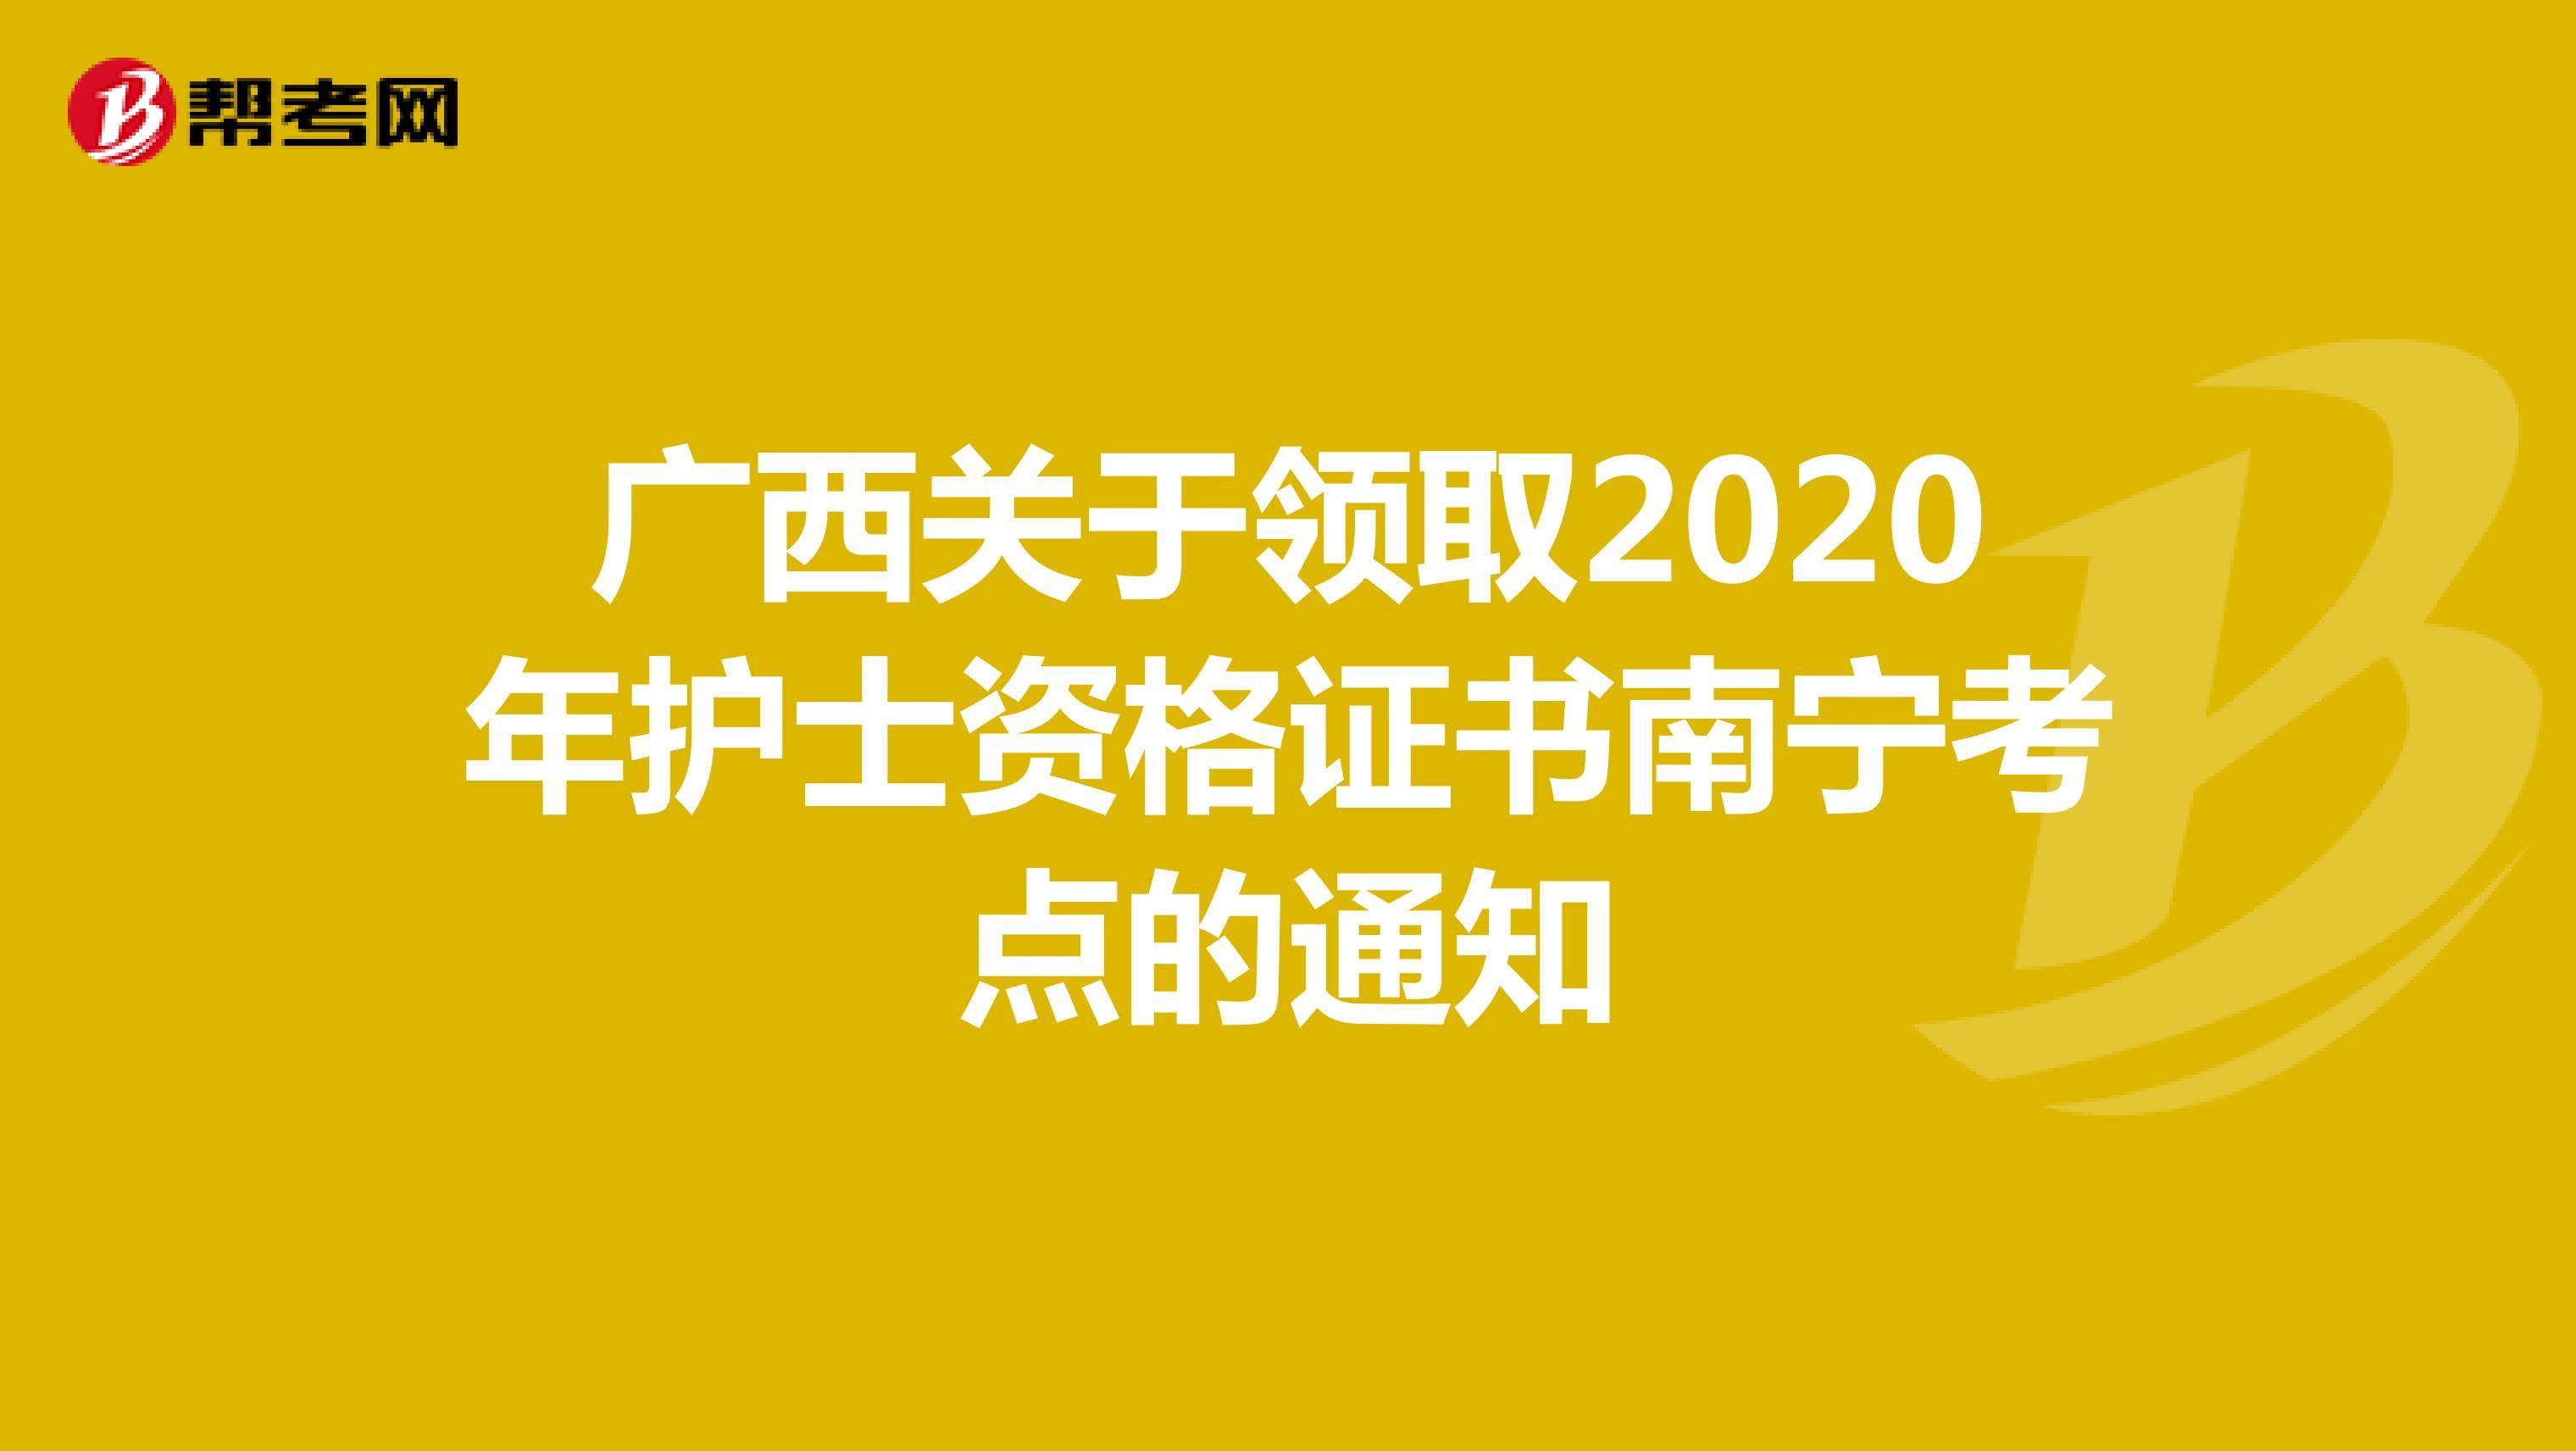 廣西關于領取2020年護士資格證書南寧考點的通知